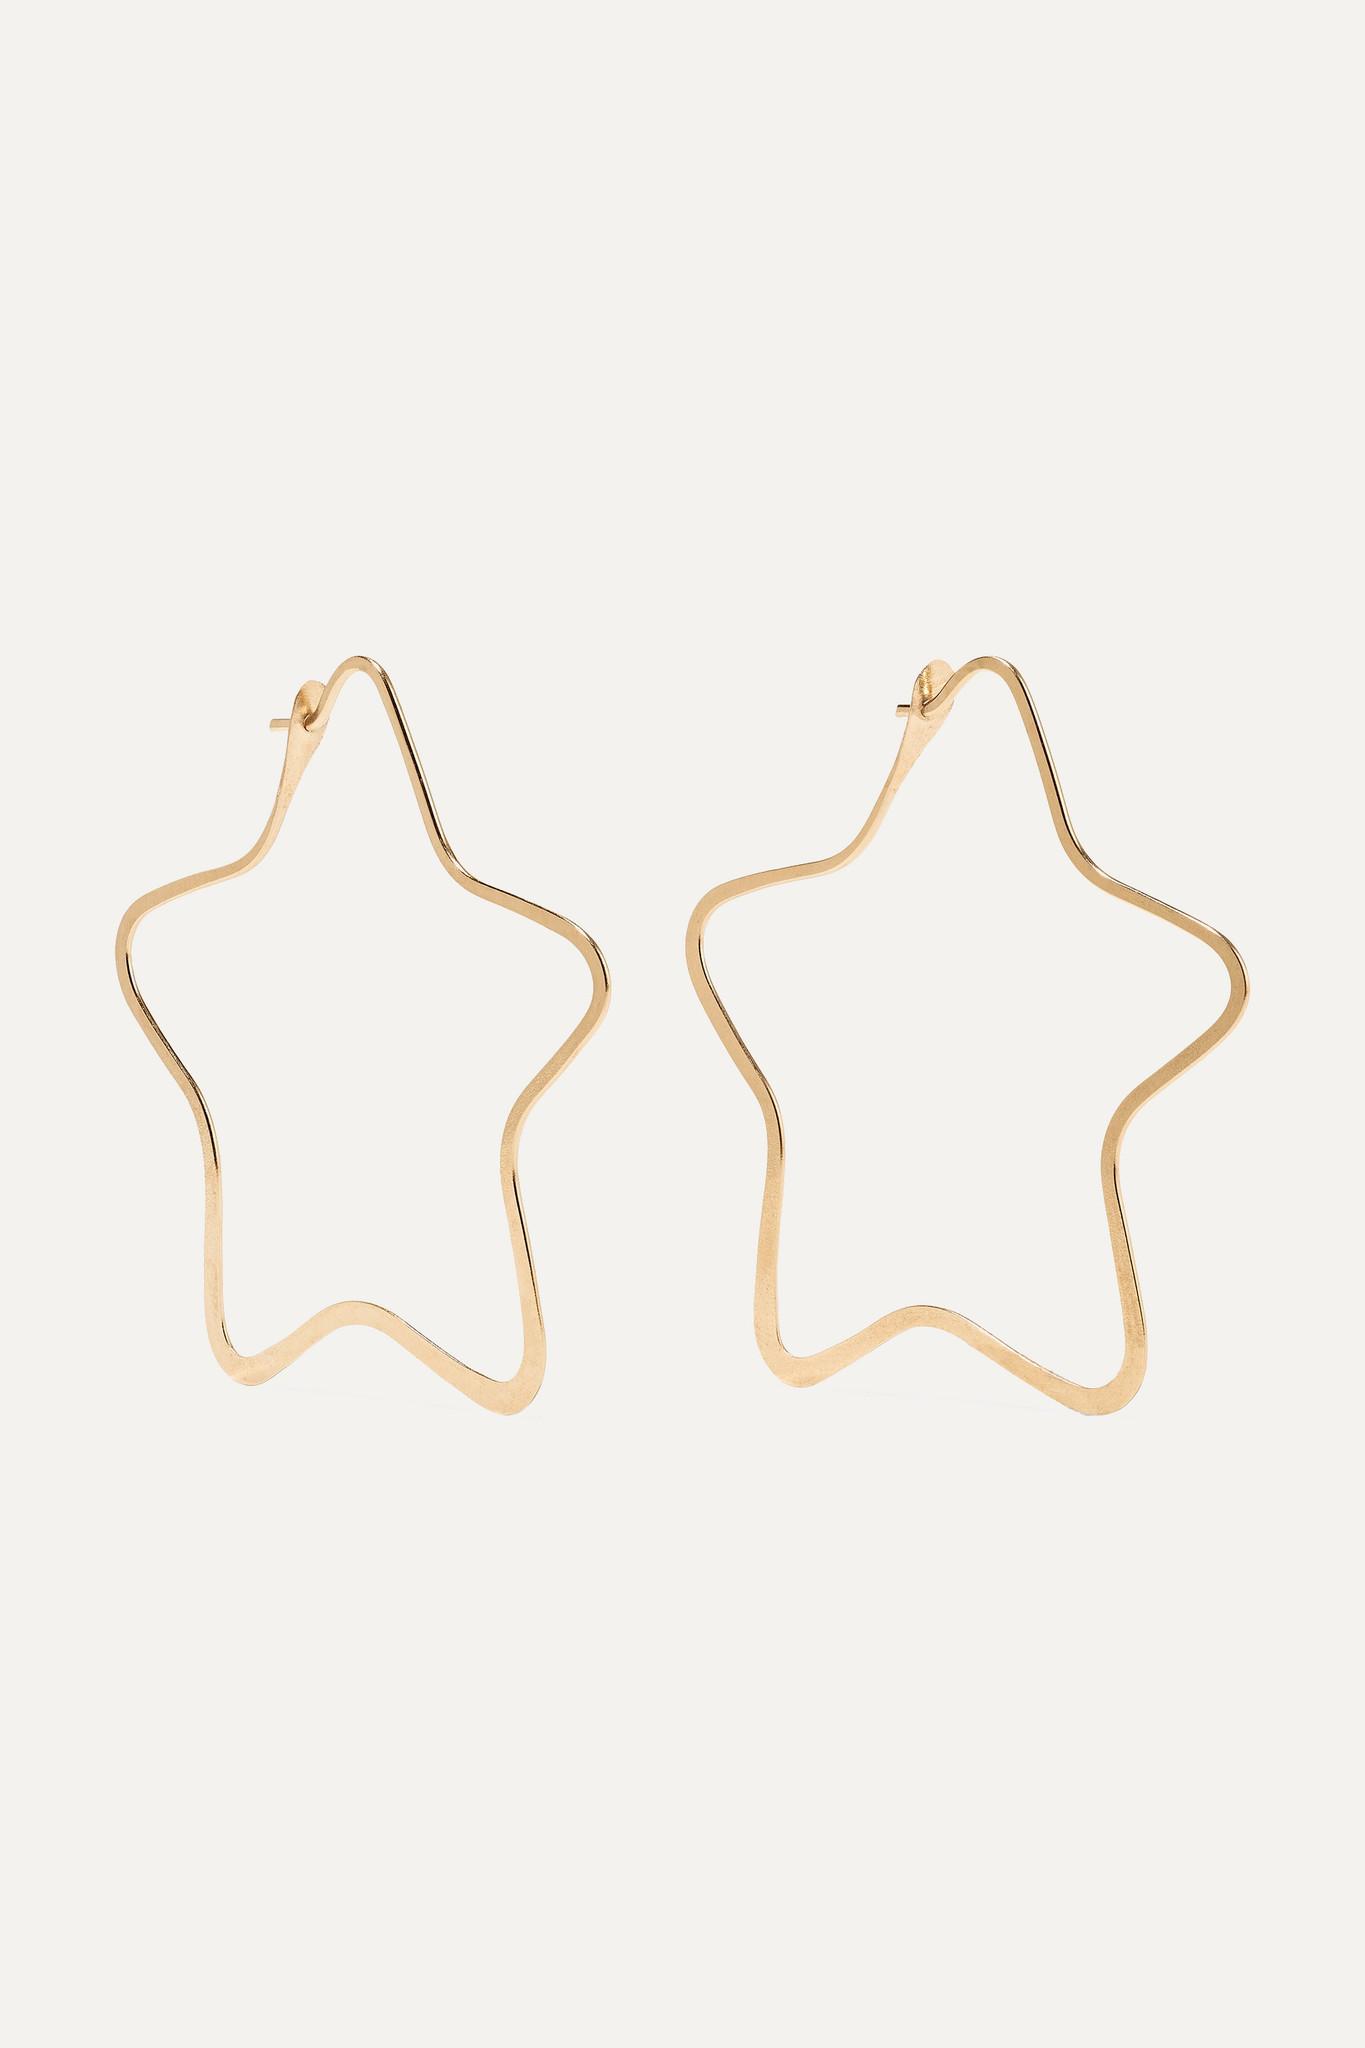 MELISSA JOY MANNING - 14-karat Gold Hoop Earrings - one size